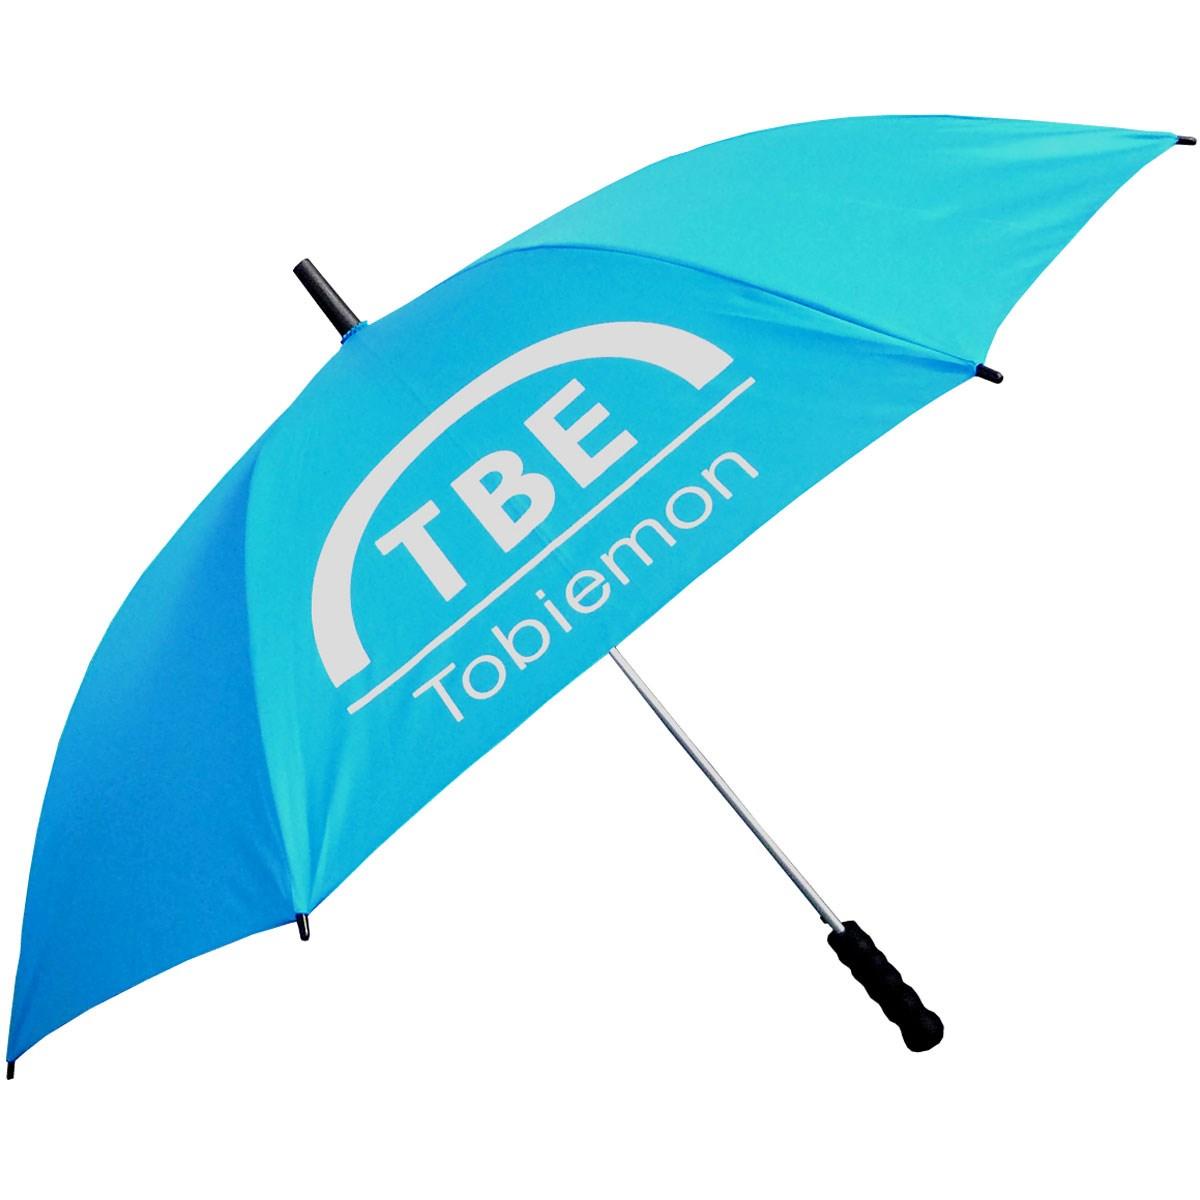 飛衛門 TOBIEMON 晴雨兼用・男女兼用 UVゴルフ傘 ブルー